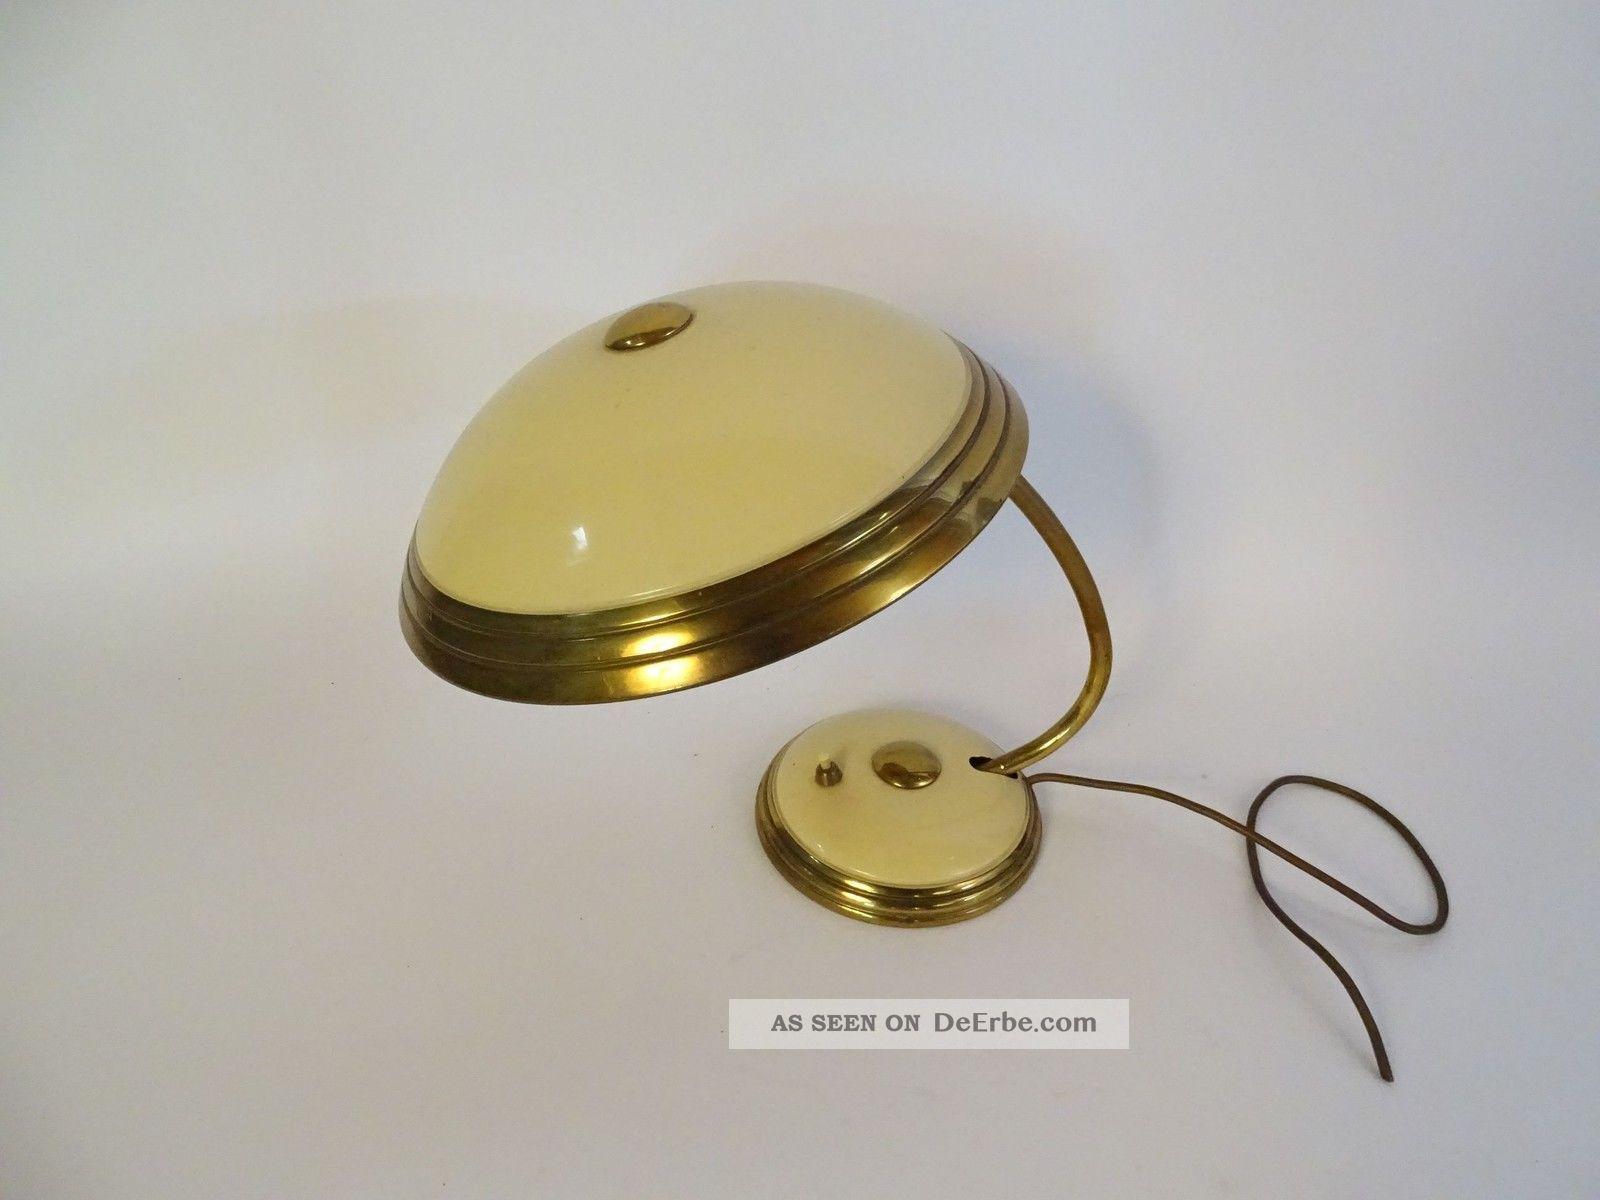 50er jahre ausgefallene design stehlampe schreibtischlampe. Black Bedroom Furniture Sets. Home Design Ideas